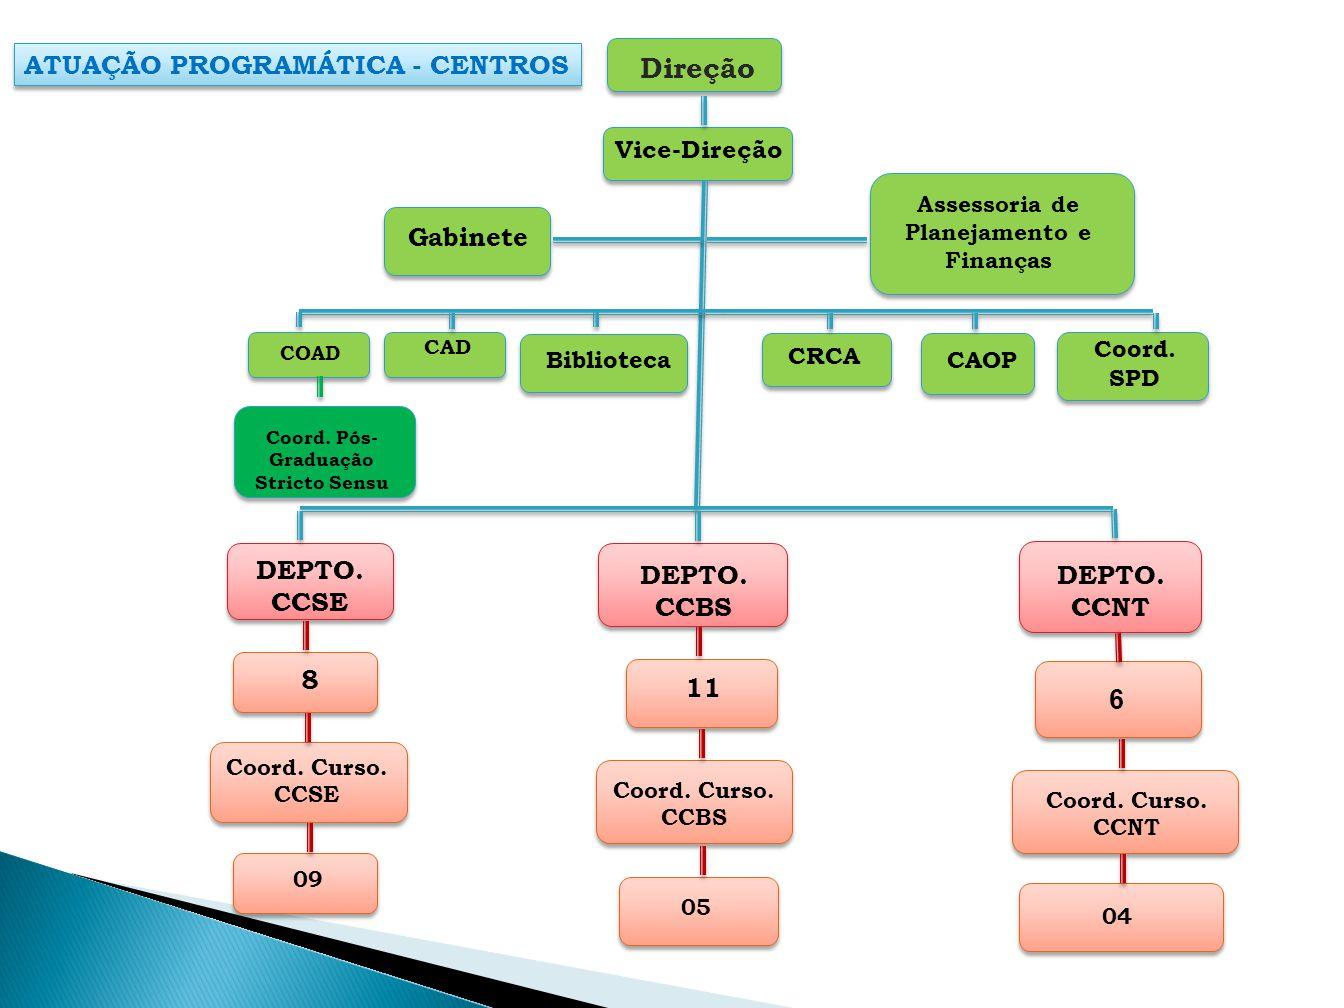 ATUAÇÃO PROGRAMÁTICA - CENTROS Vice-Direção Gabinete Assessoria de Planejamento e Finanças CAD Biblioteca CRCA CAOP Coord. SPD Coord. Pós- Graduação S